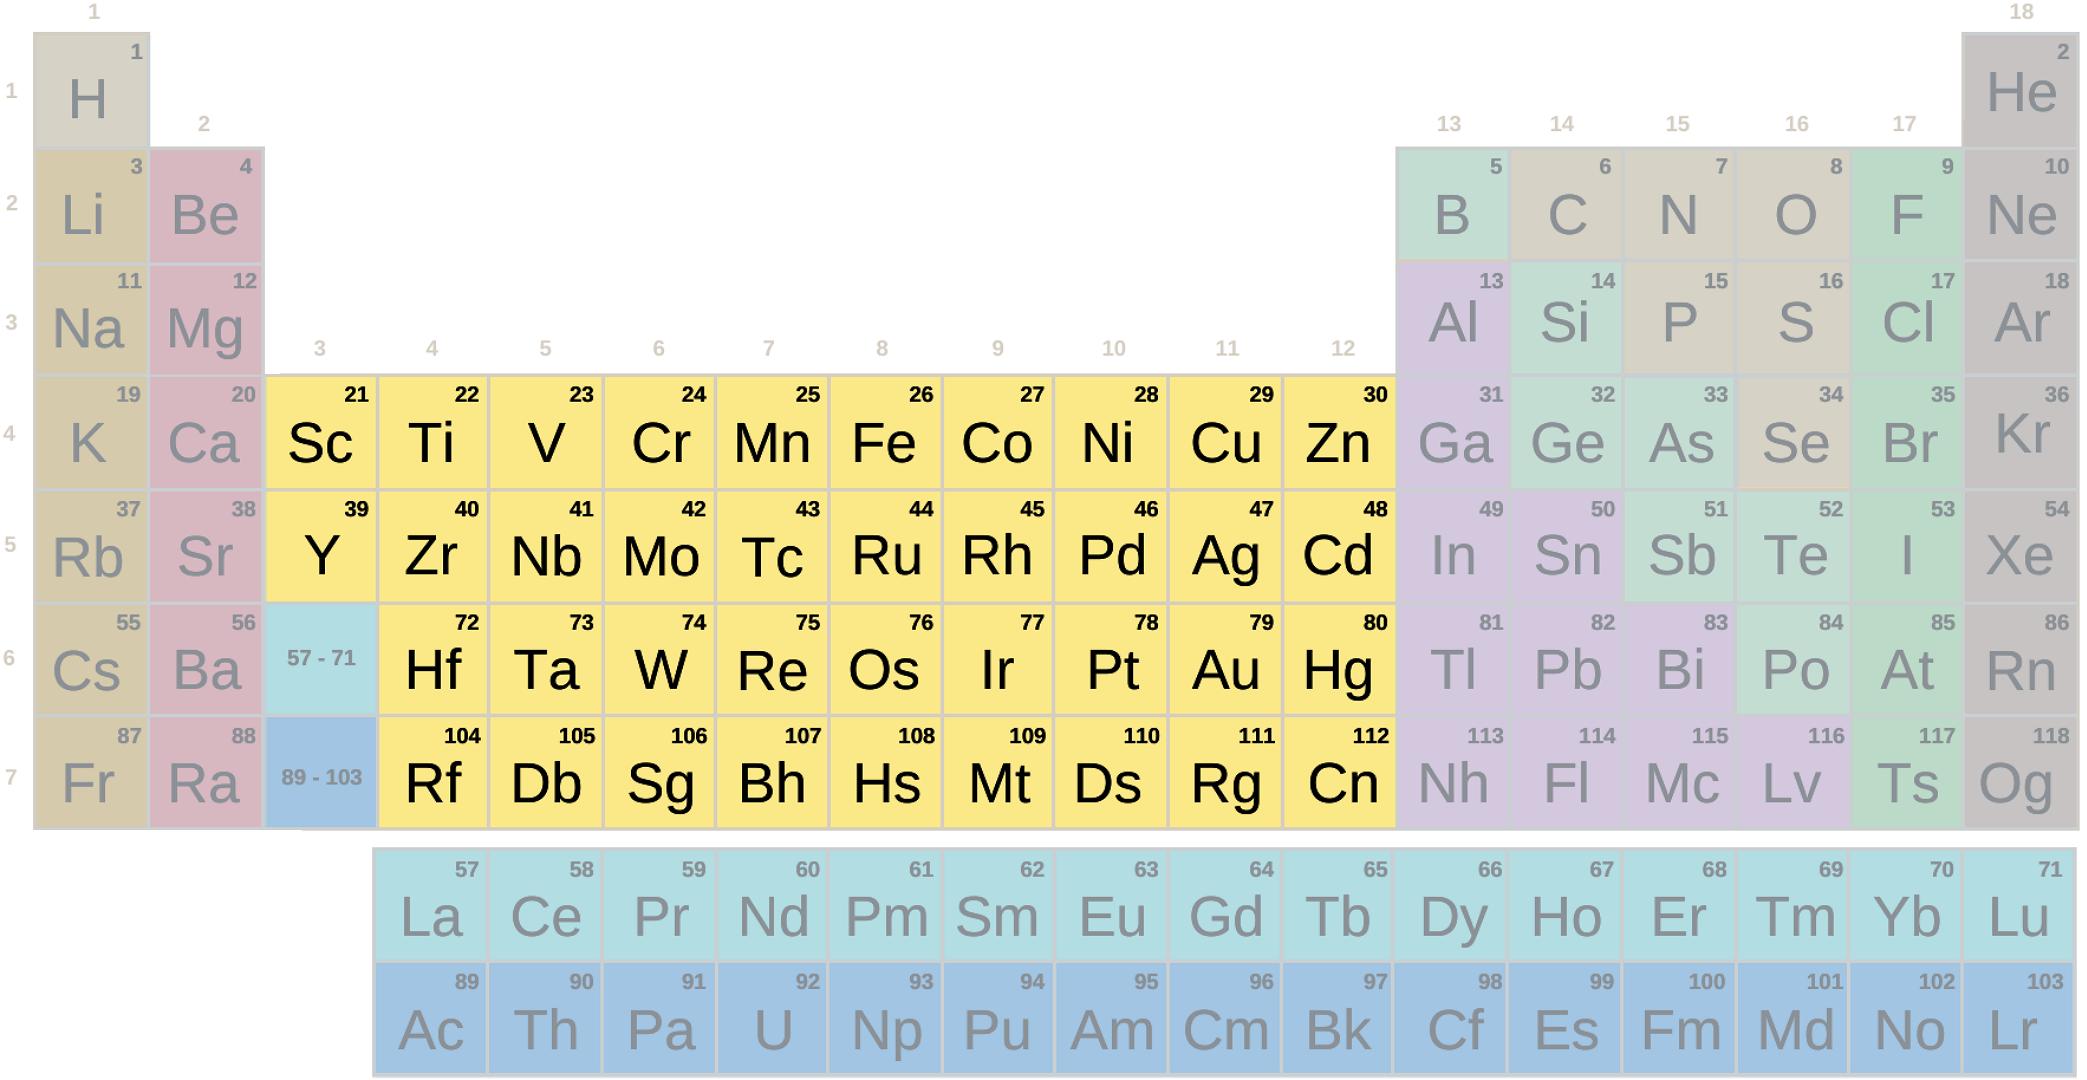 Taula periodikoa, trantsizio-metalen taldea sinboloekin (Bigarren Hezkuntza - Batxilergoa)